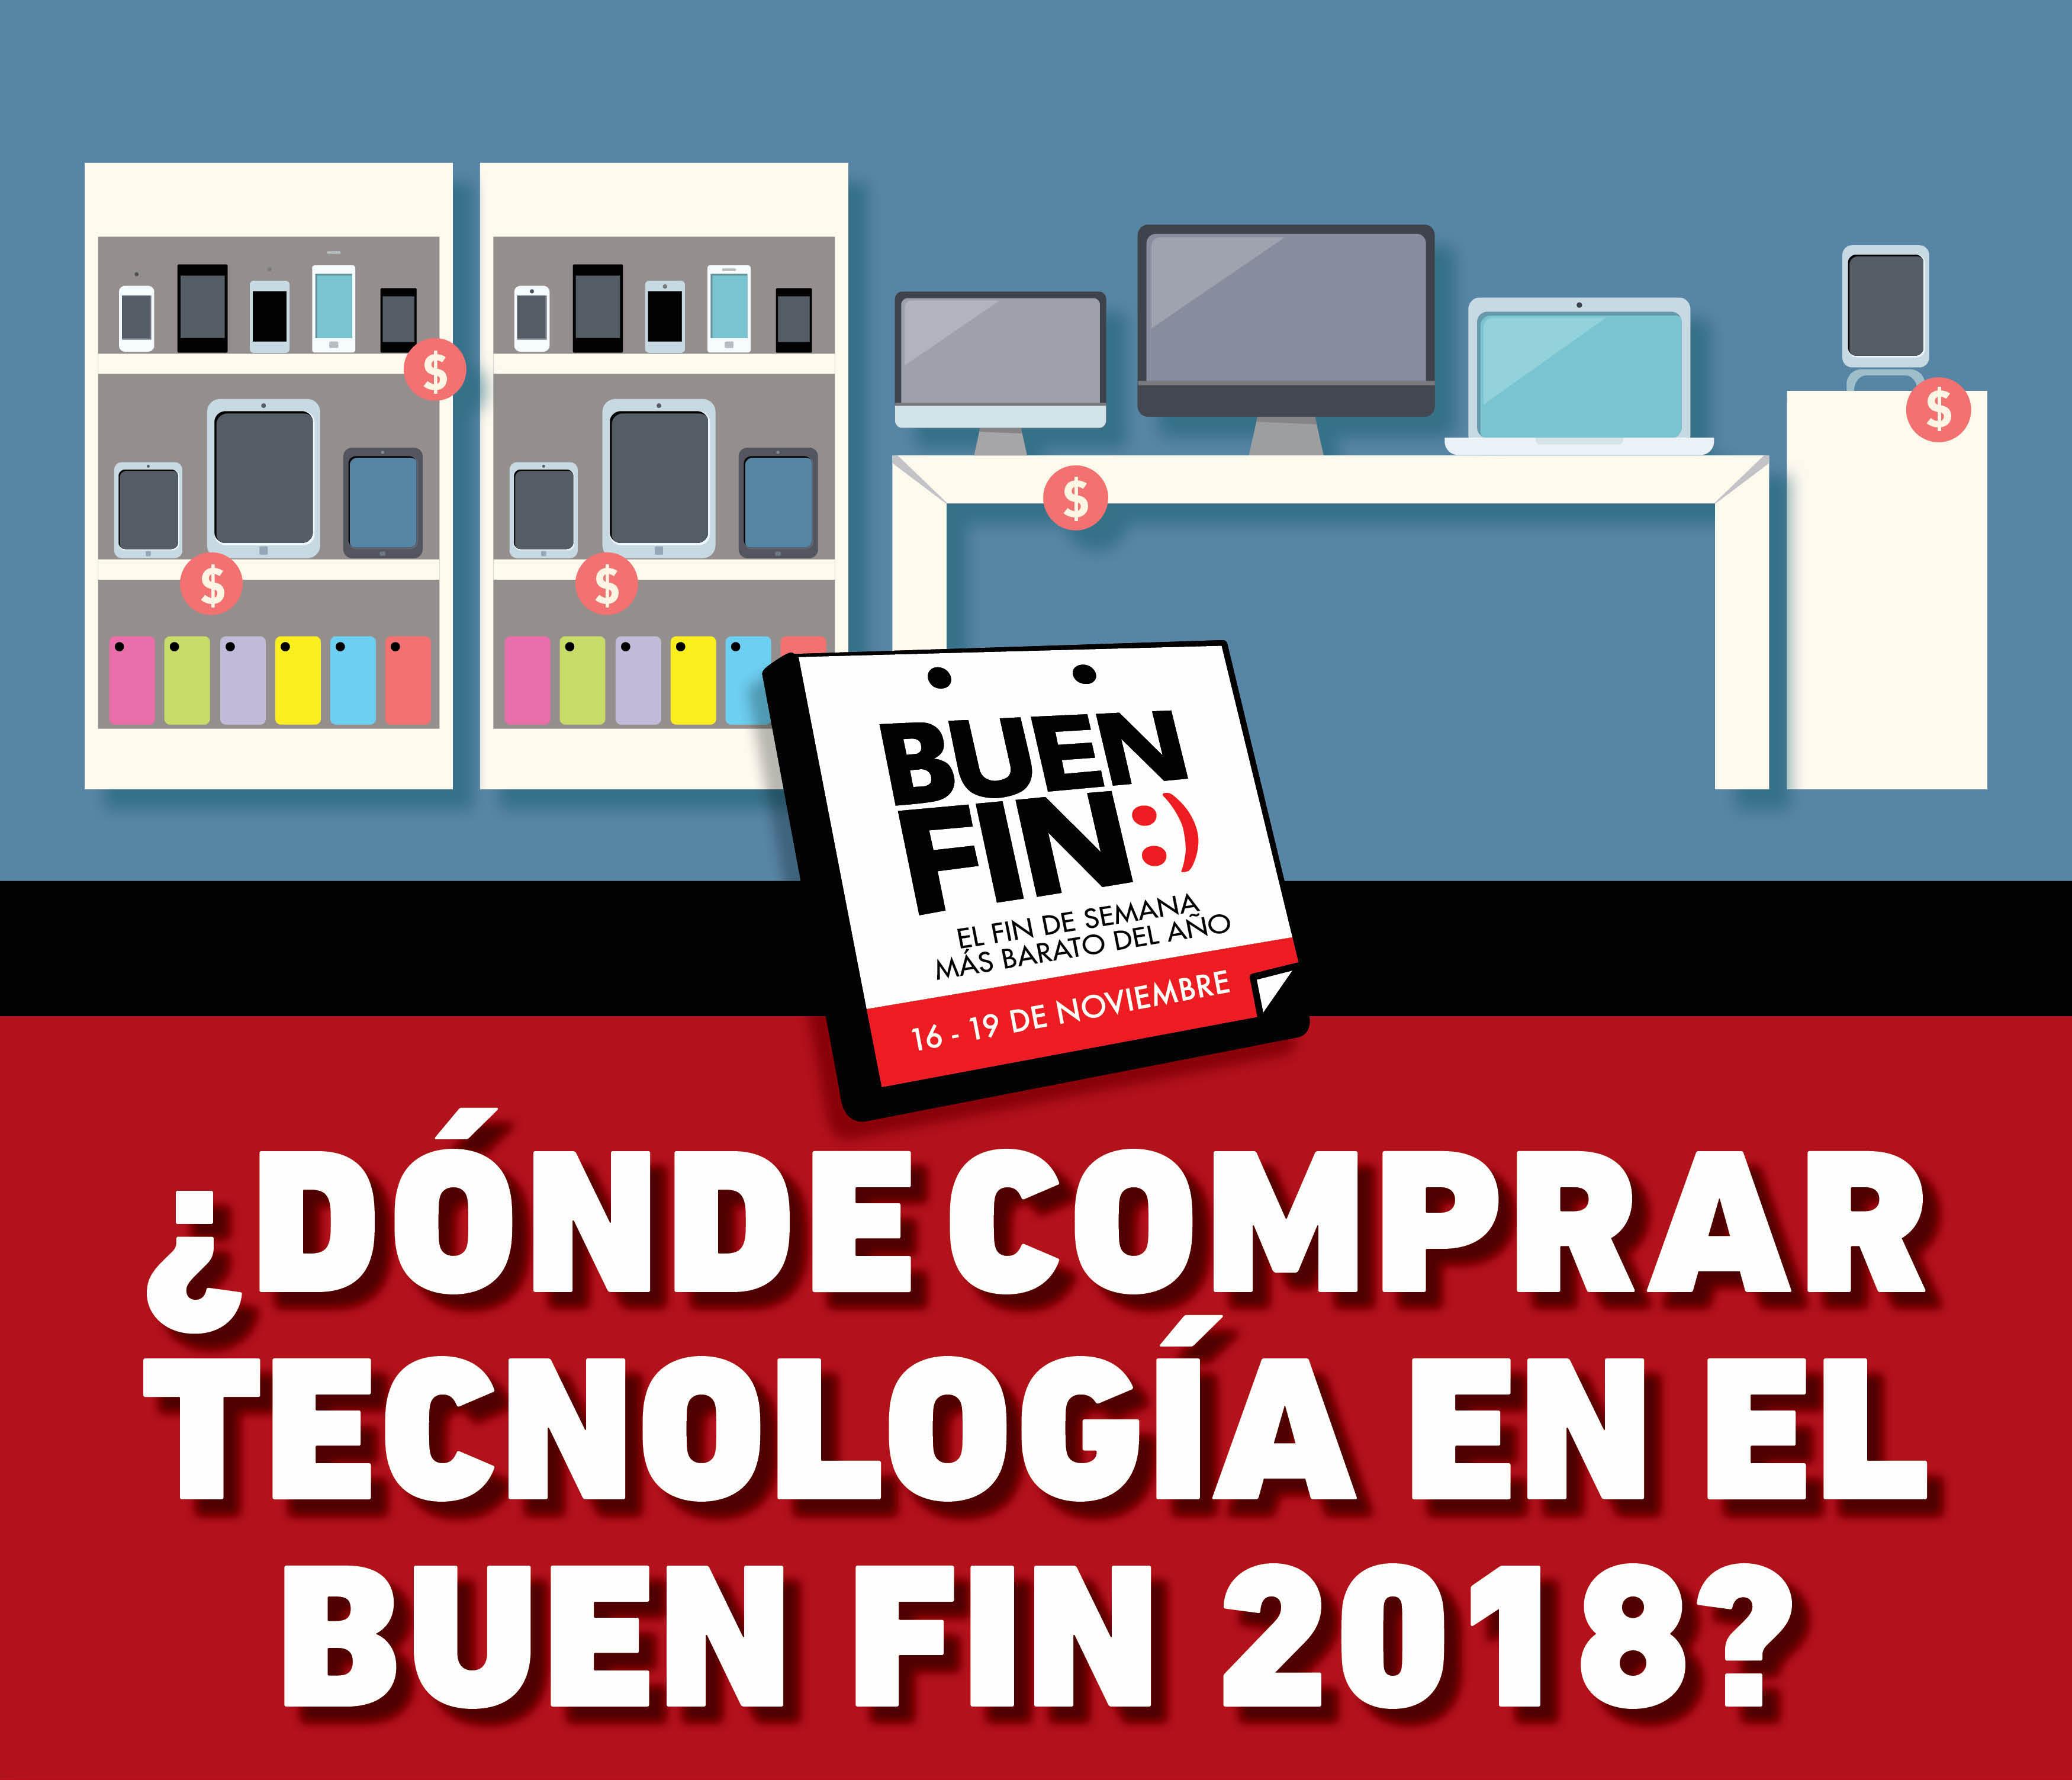 Las ofertas mas ansiadas son aquellas para comprar tecnología en El Buen Fin dado que por sus altos costos es preferible esperar a los descuentos.